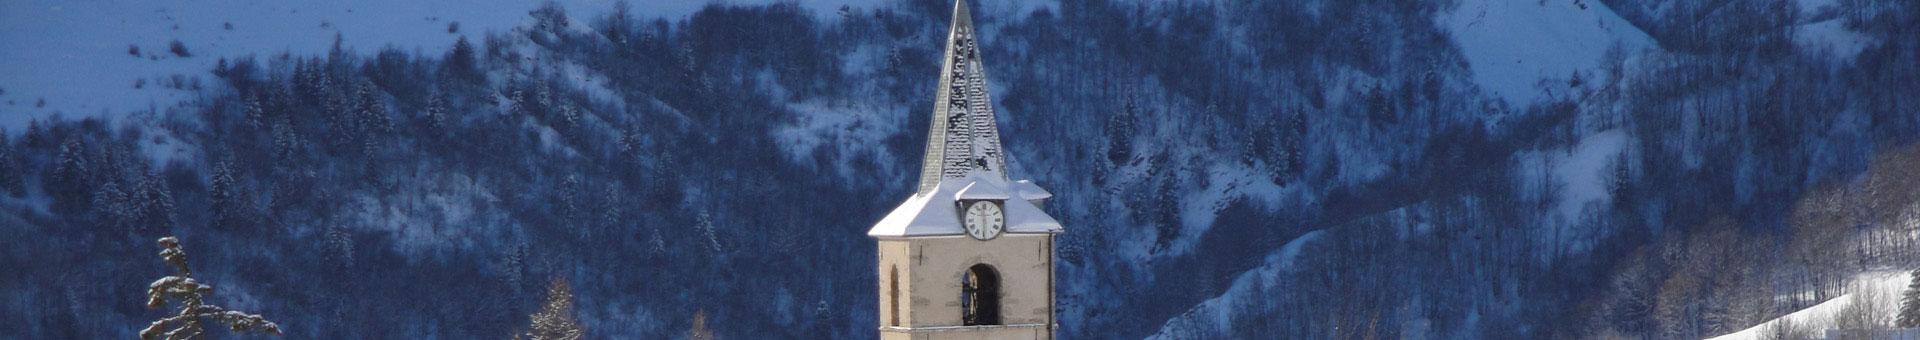 tetiere-eglises-chapelles-890